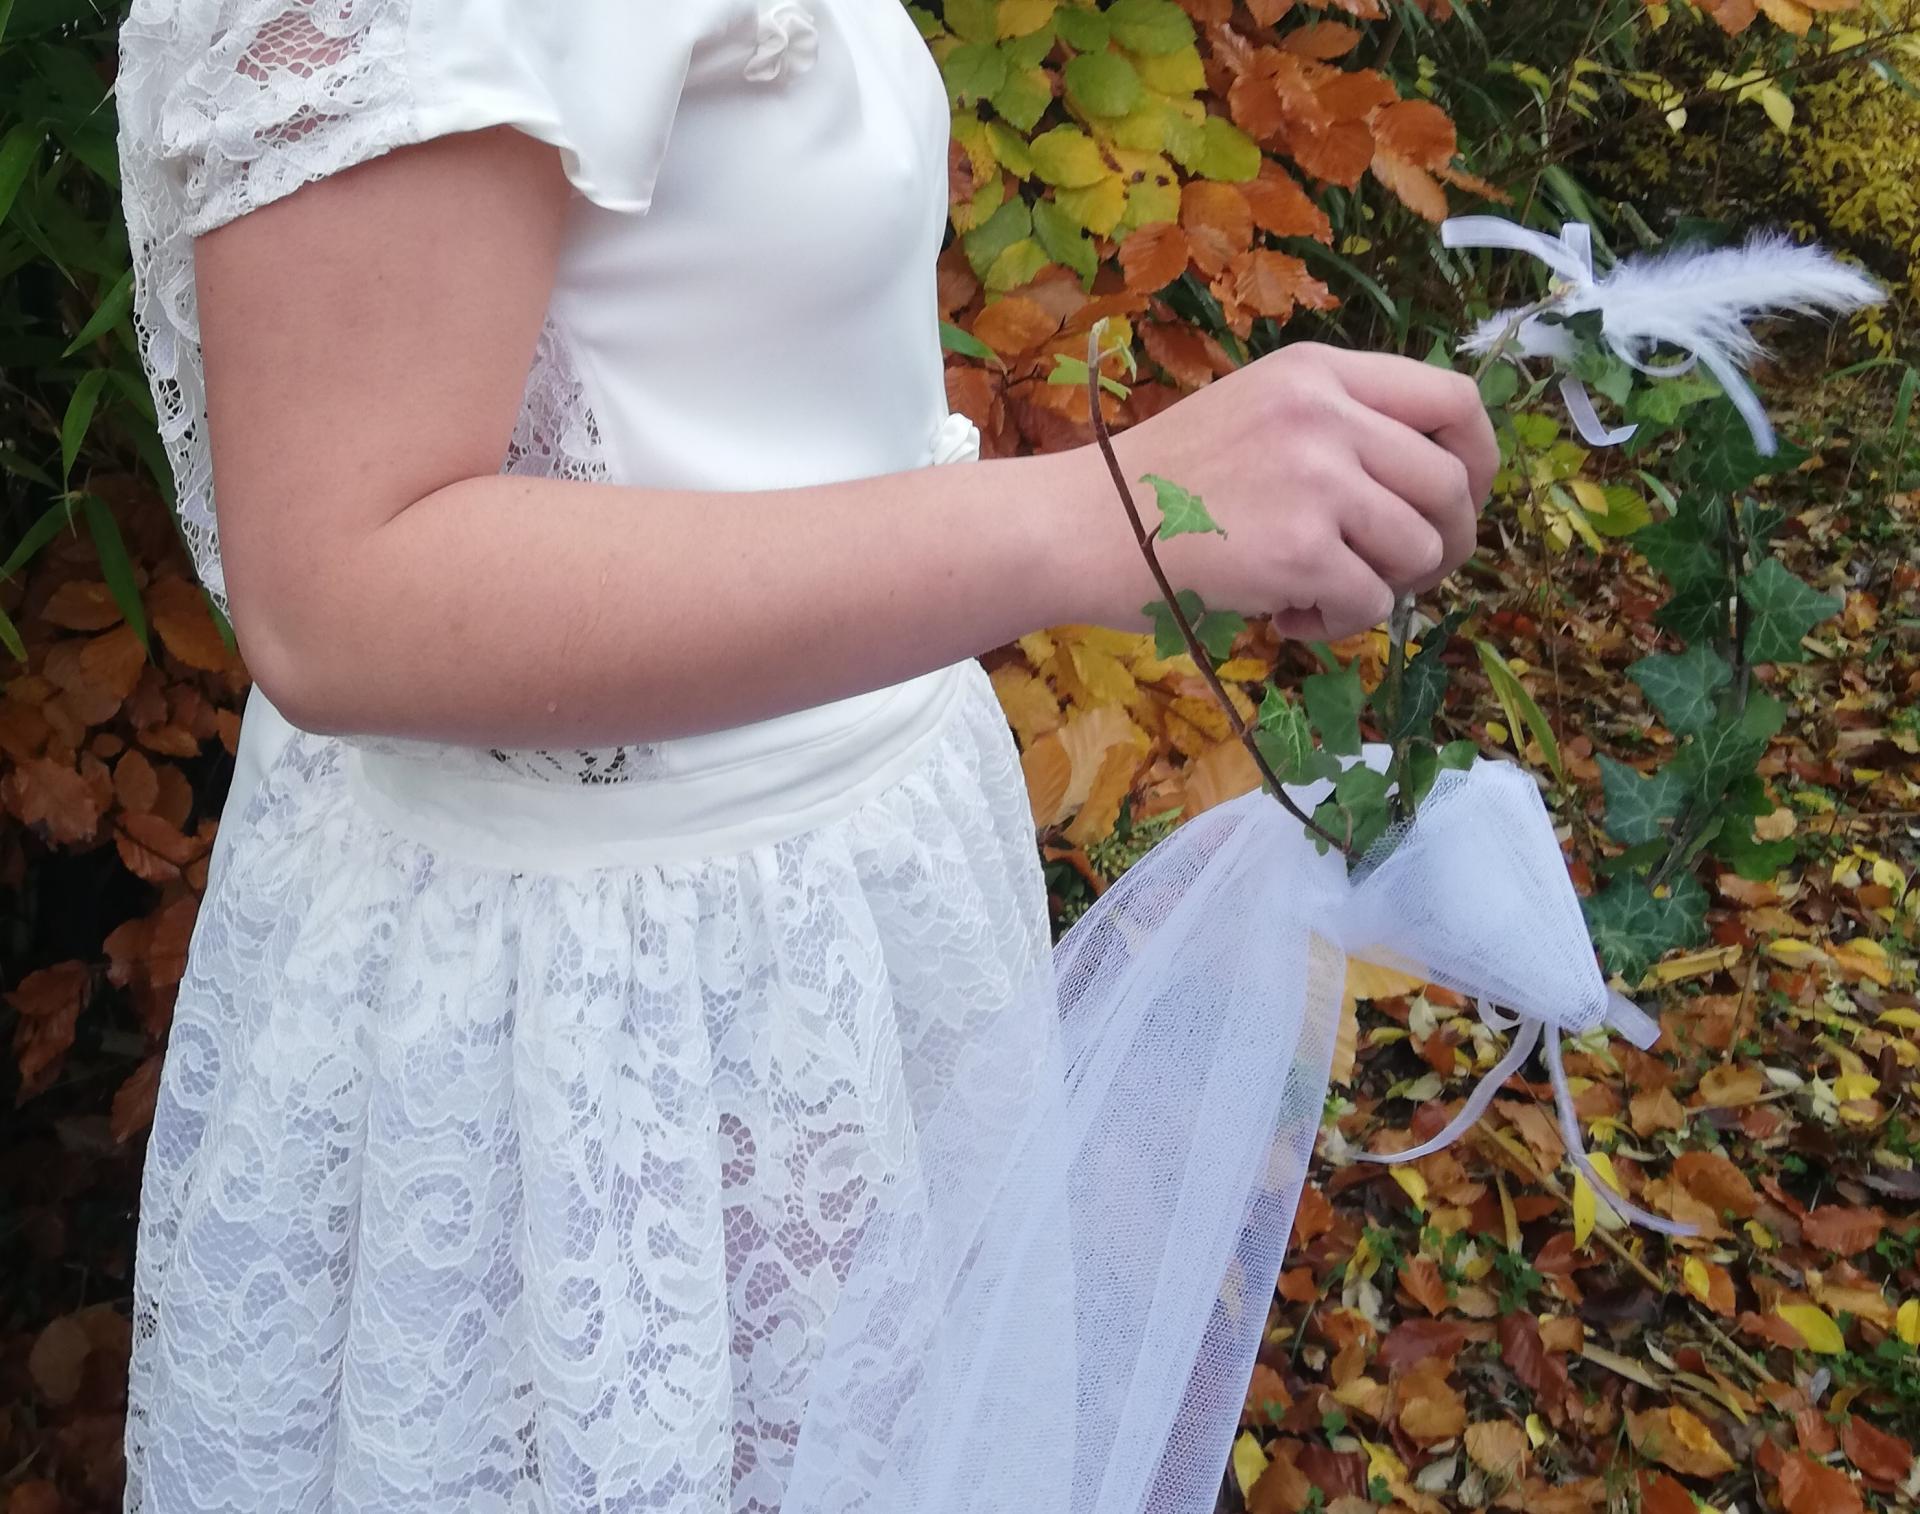 Robe de mariee reversible dentelle tulle et viscose rose faconnee a la main avec un coeur de nacre couronne fleurs et plumes fifi au jardin pose 18